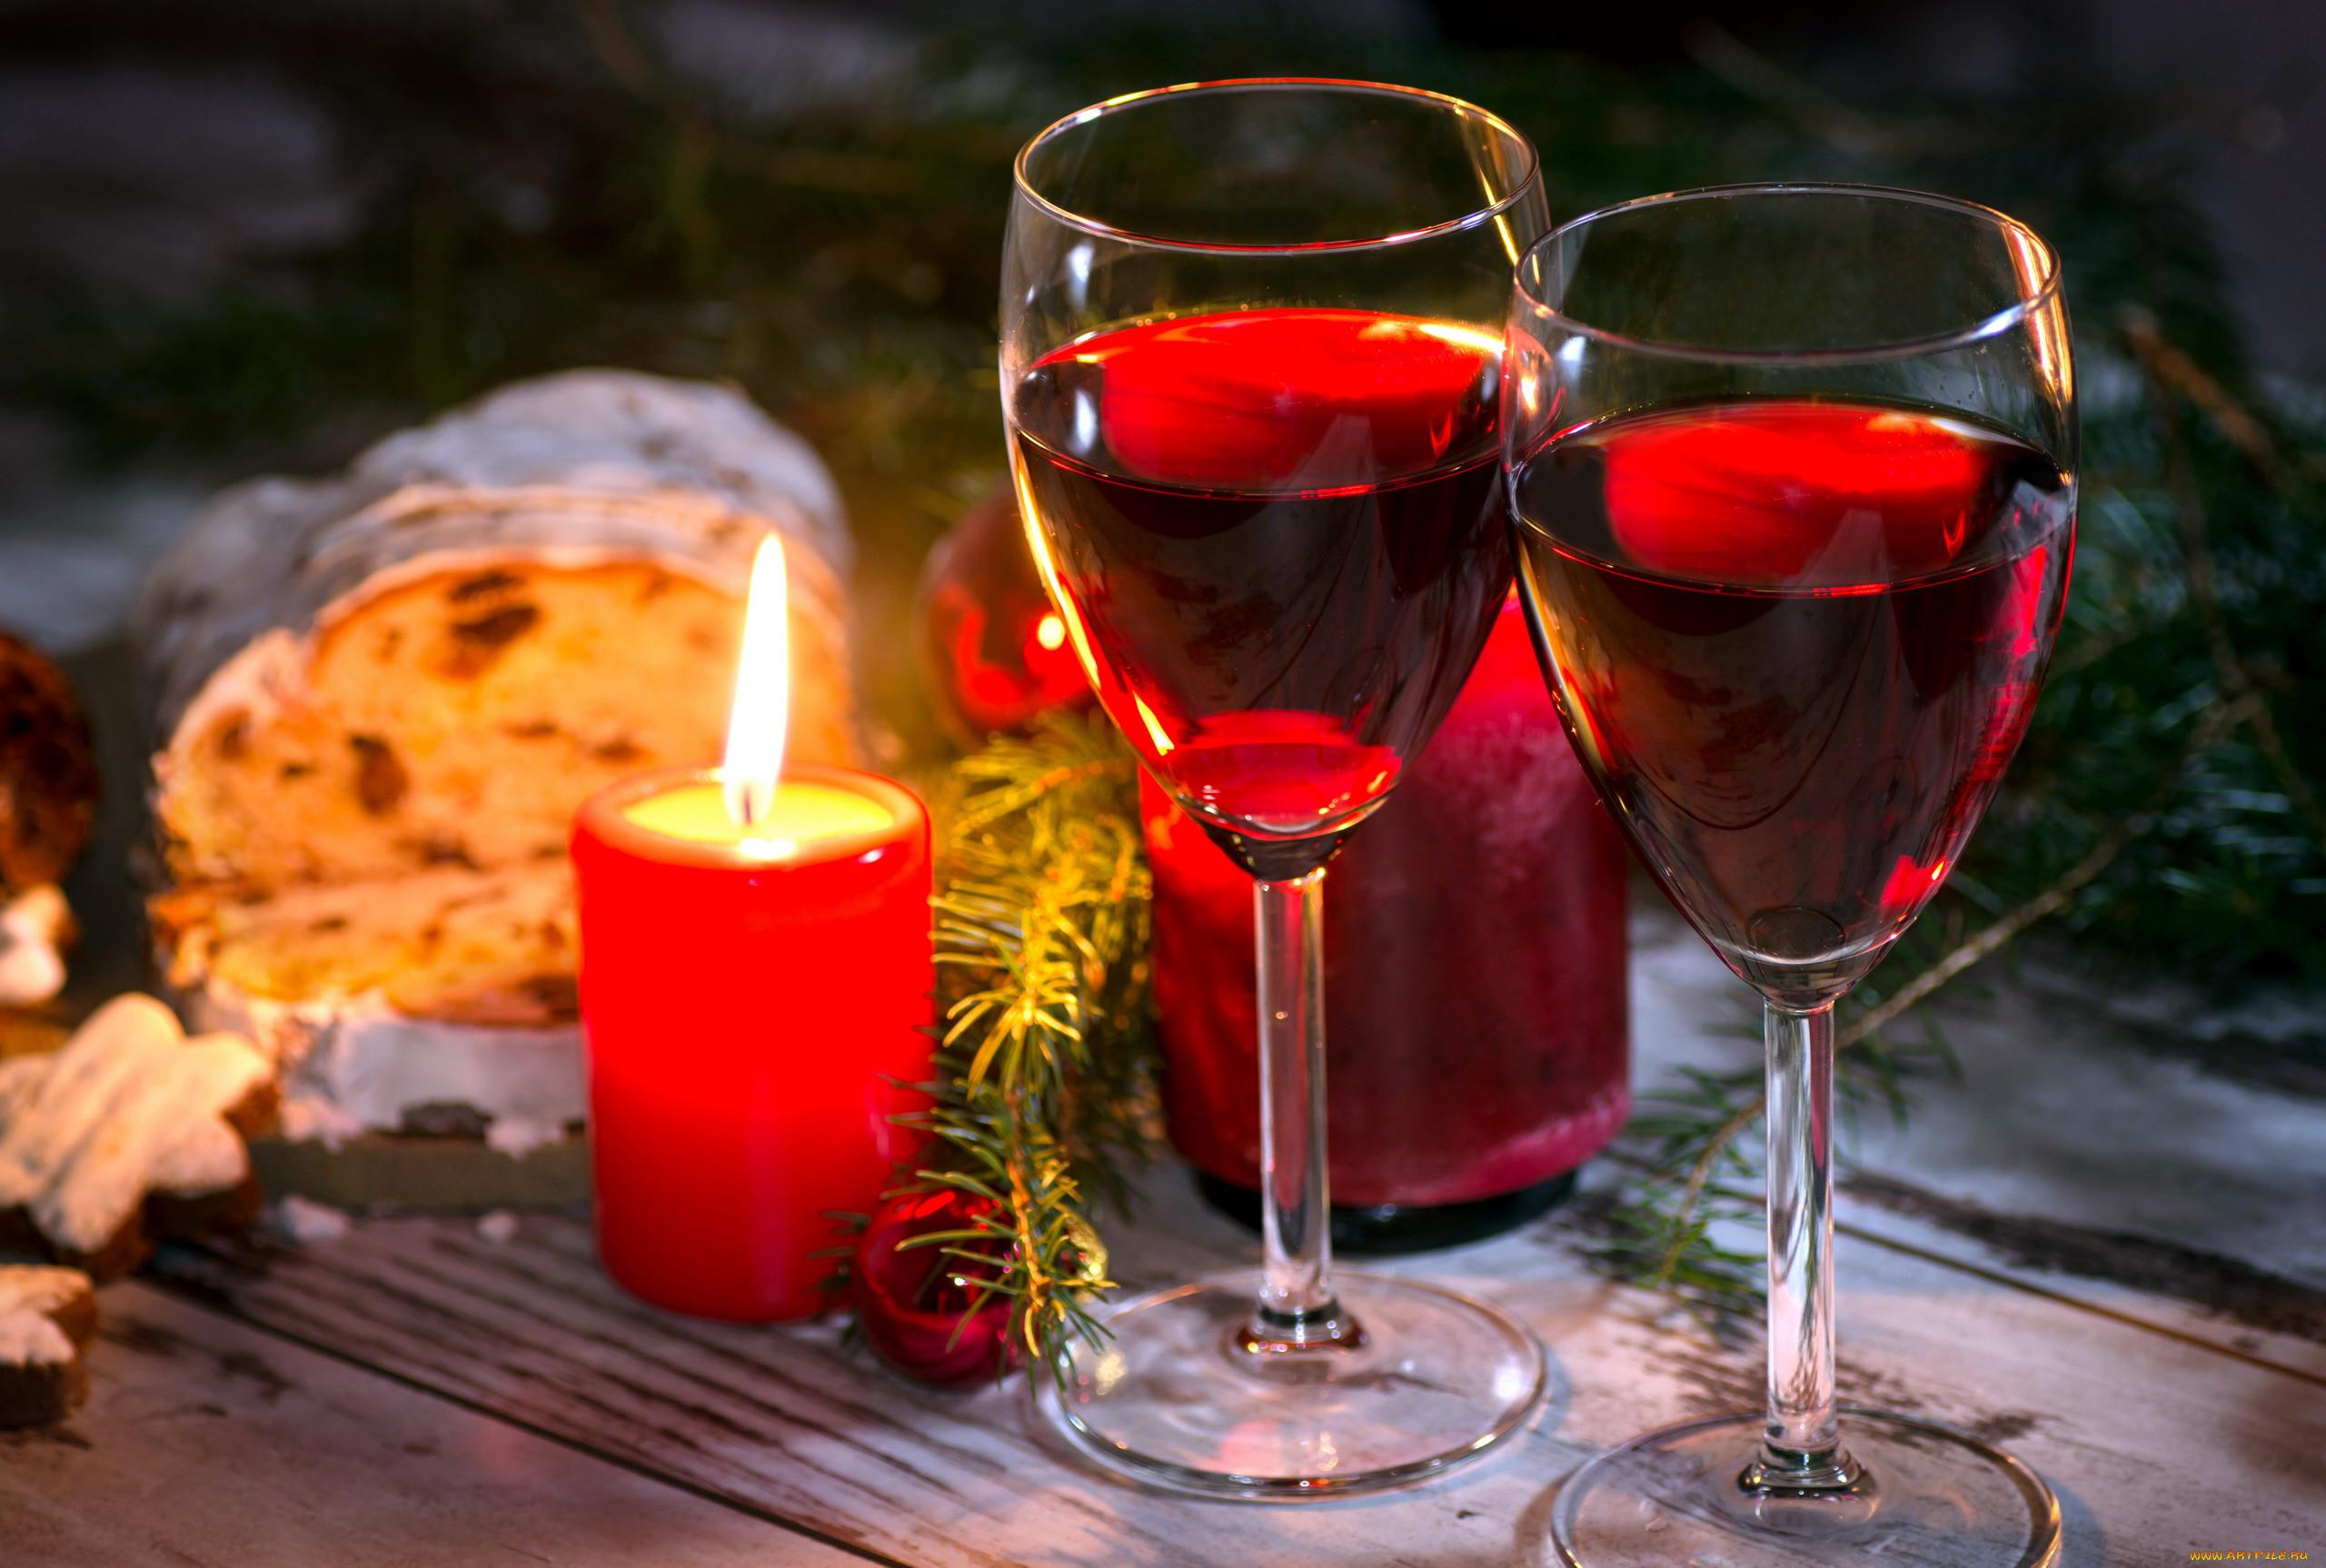 вино свечи бокалы картинки дуб, думается, что